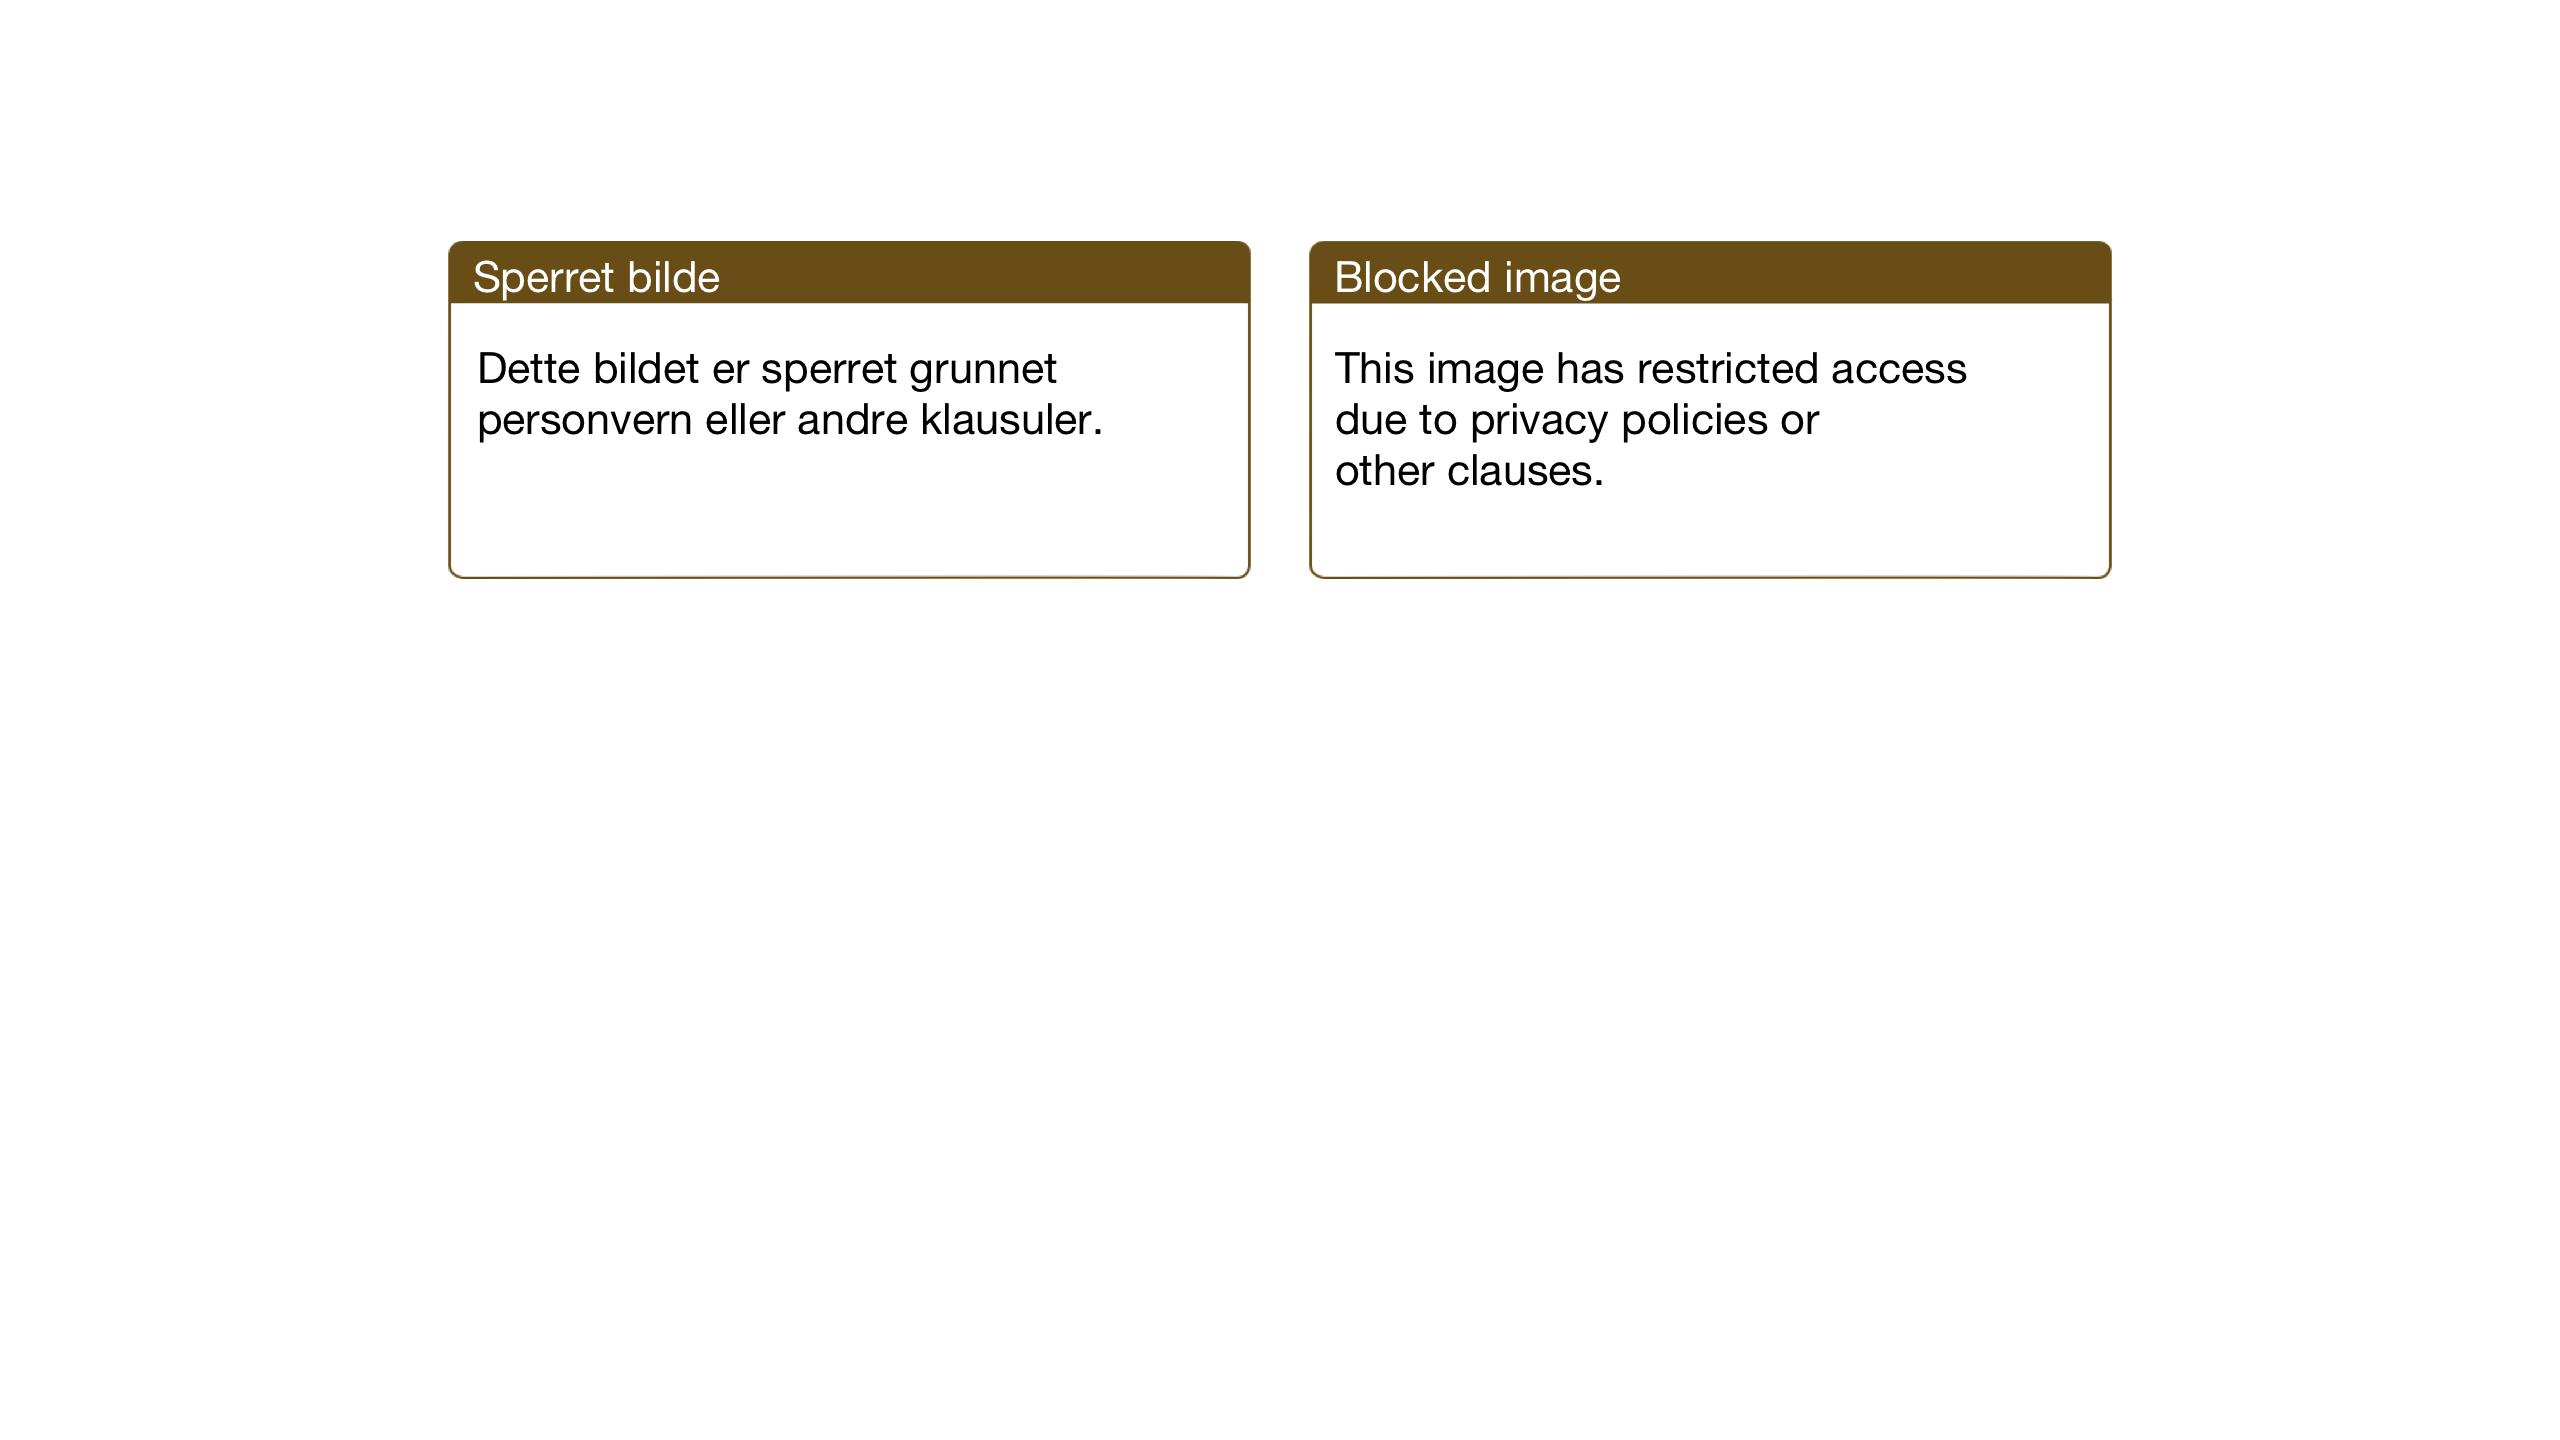 SAT, Ministerialprotokoller, klokkerbøker og fødselsregistre - Nord-Trøndelag, 746/L0456: Klokkerbok nr. 746C02, 1936-1948, s. 18